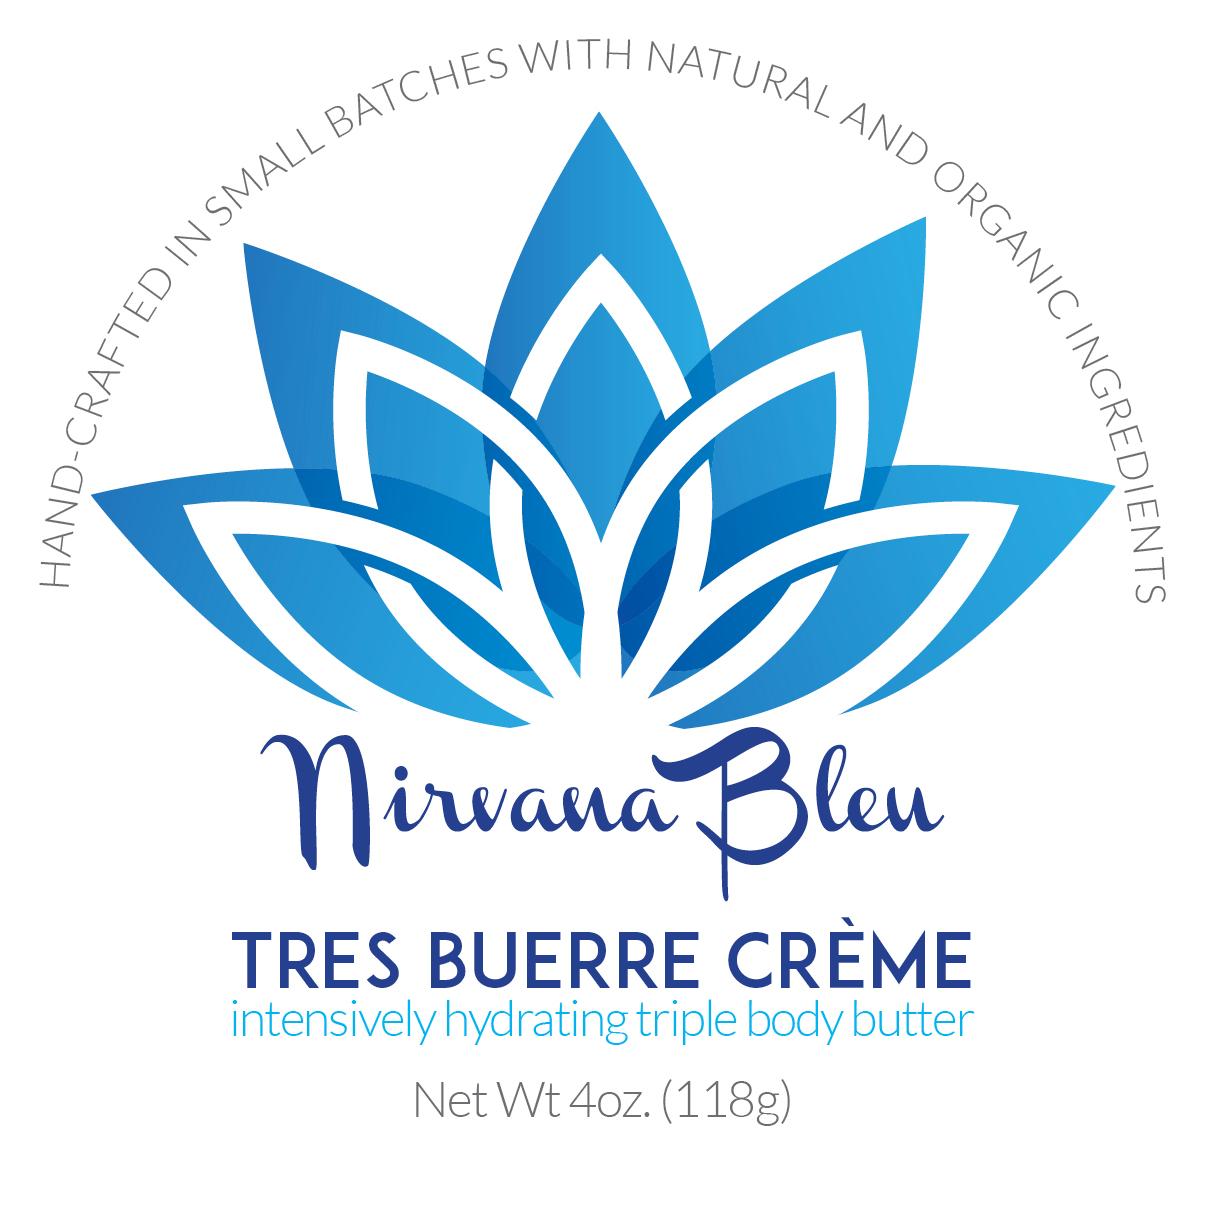 Nirvana Bleu Tres Buerre Créme 2 inch round lid label.